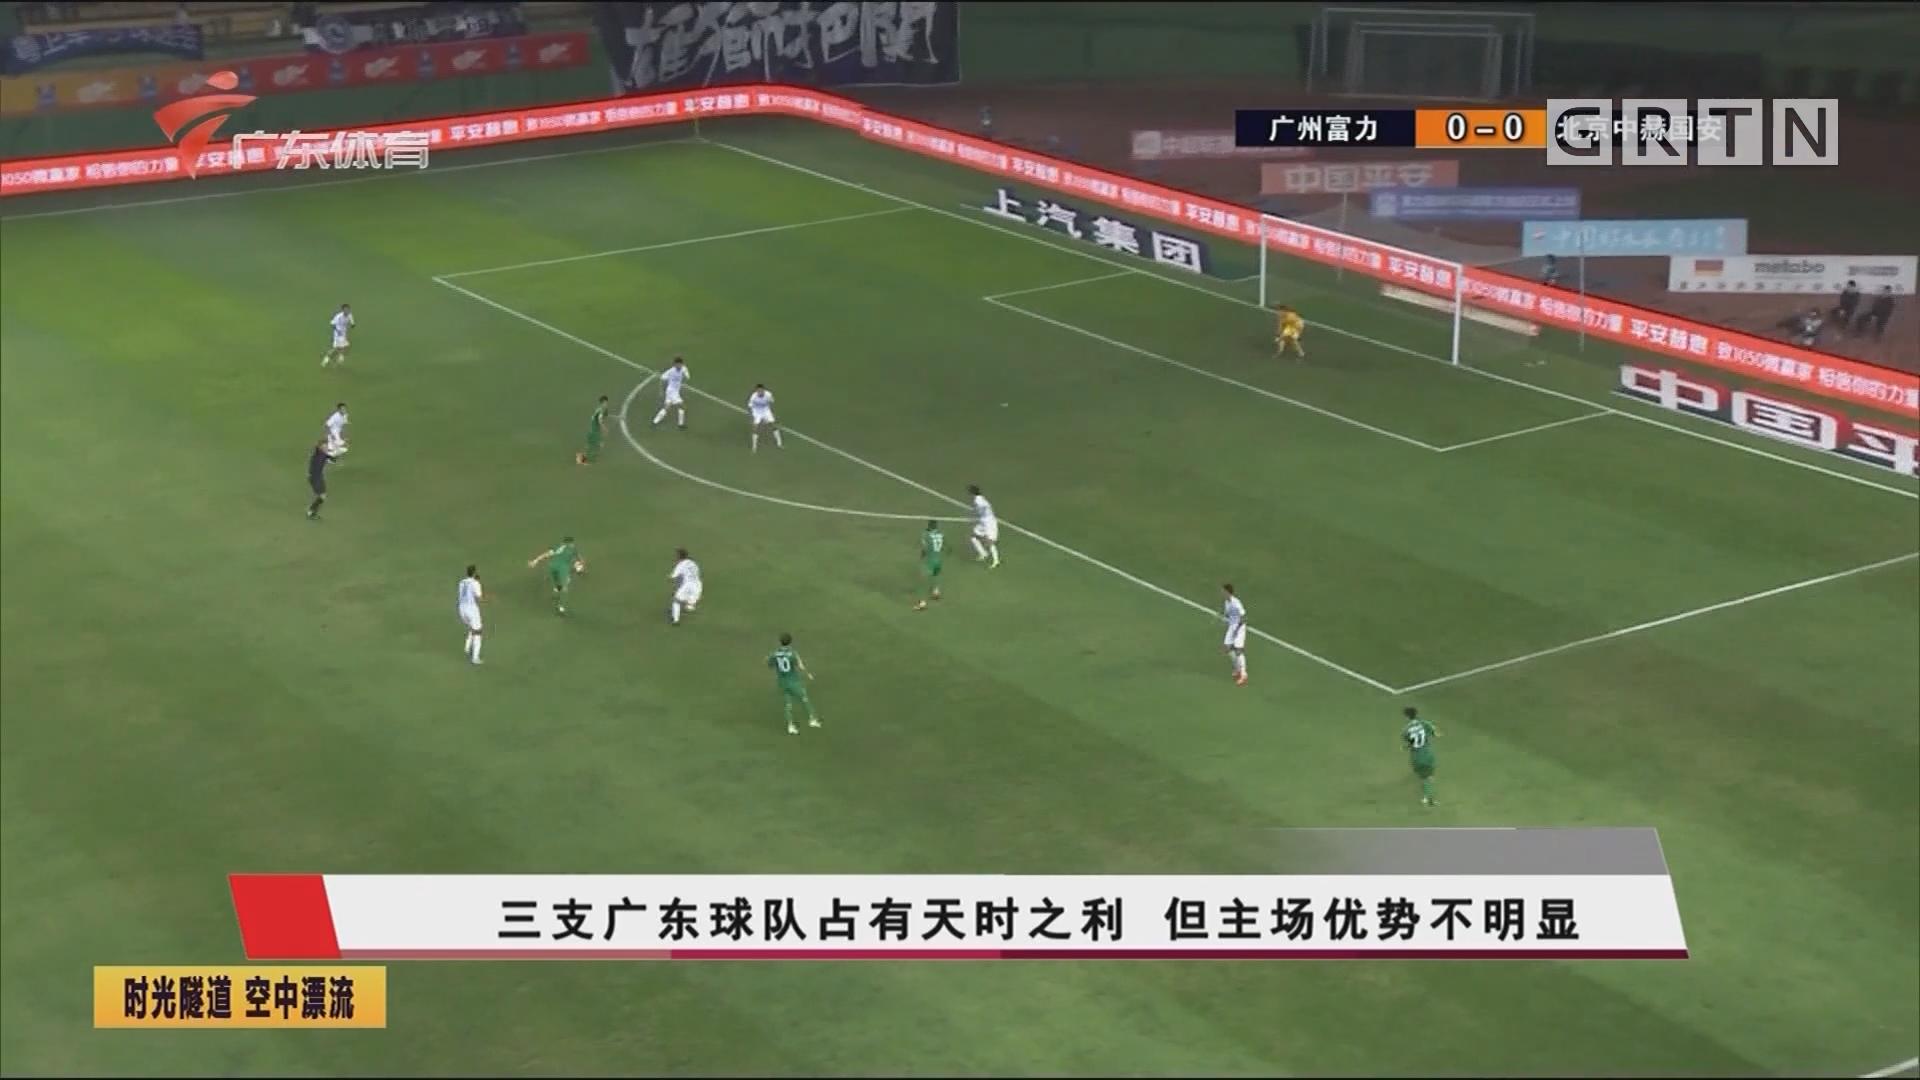 三支广东球队占有天时之利 但主场优势不明显